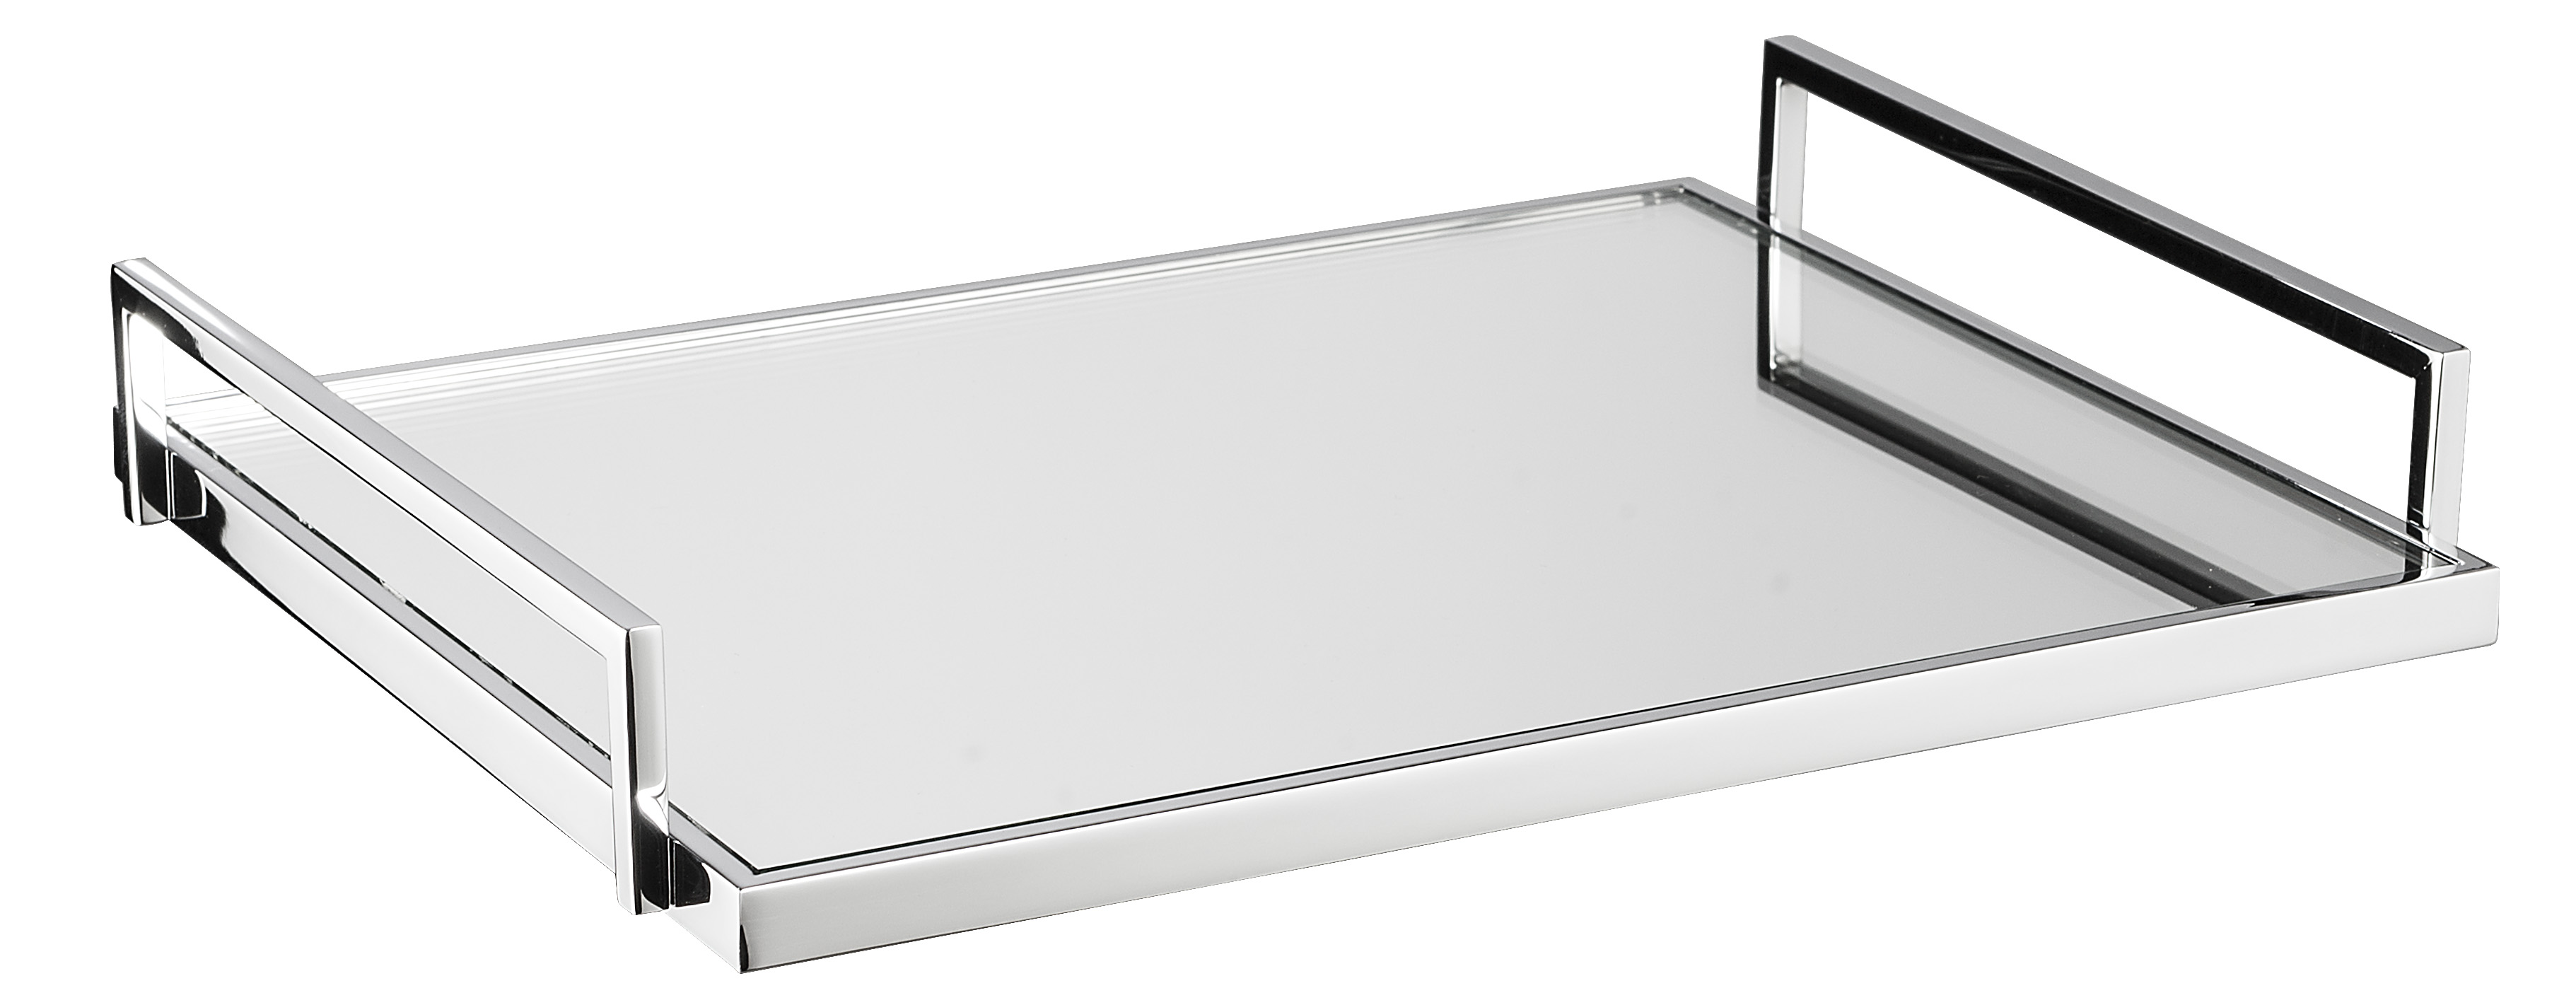 Bandeja Premium -  espelhada